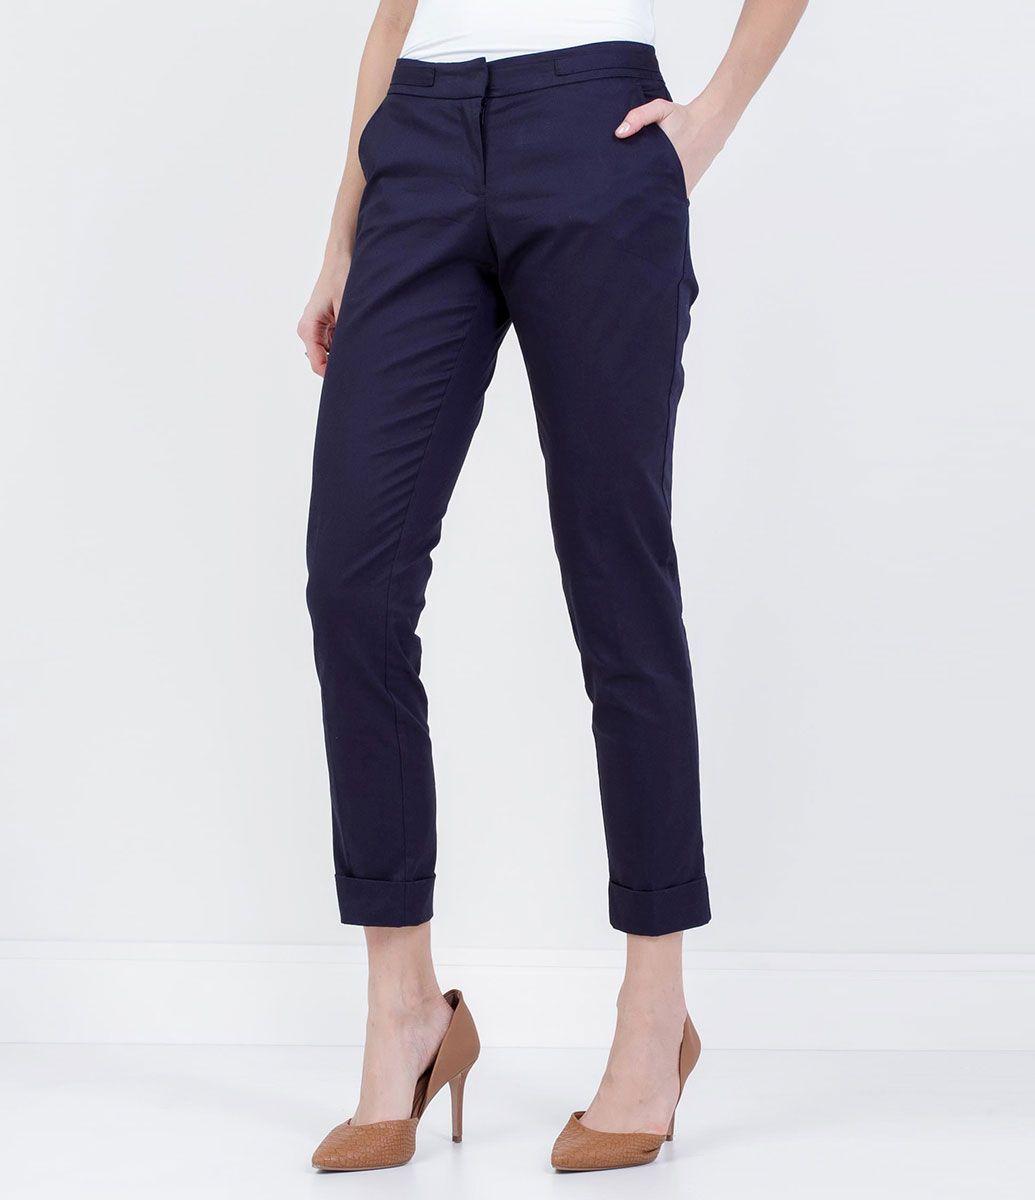 80b7d30fa533 Calça feminina Modelo cigarrete Marca: Cortelle Tecido: Algodão Composição:  97% algodão; 3% elastano Modelo veste tamanho: 36 Medidas da modelo:  Altura: 1 ...